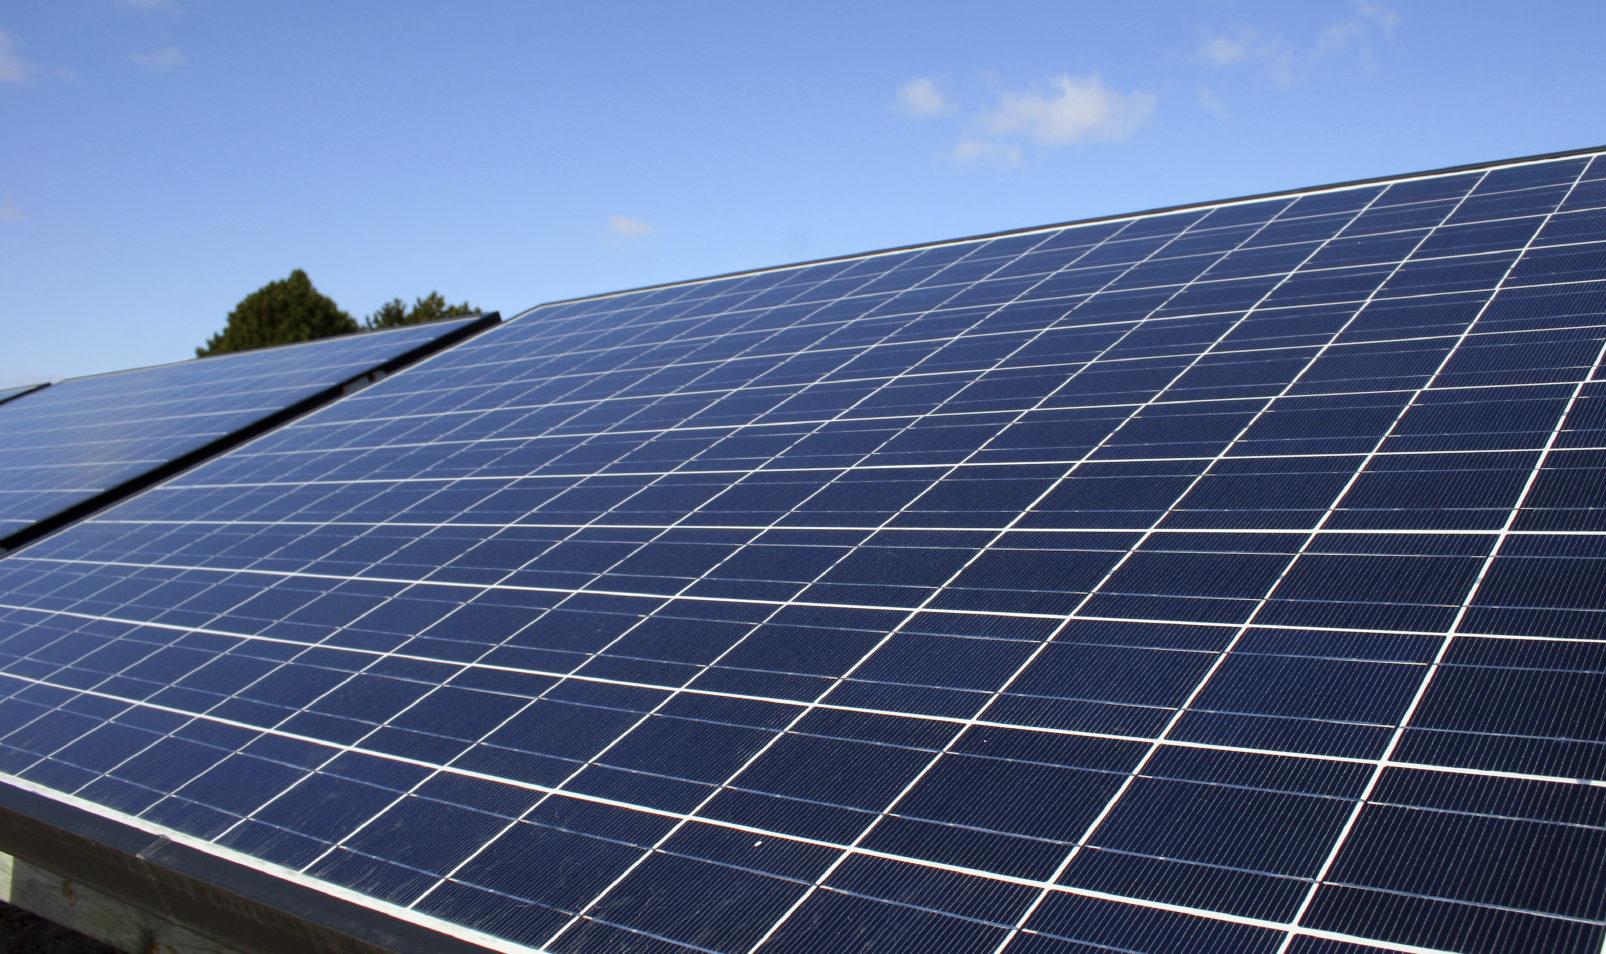 Installations photovoltaïques sur bâtiments : derniers tarifs d'achat